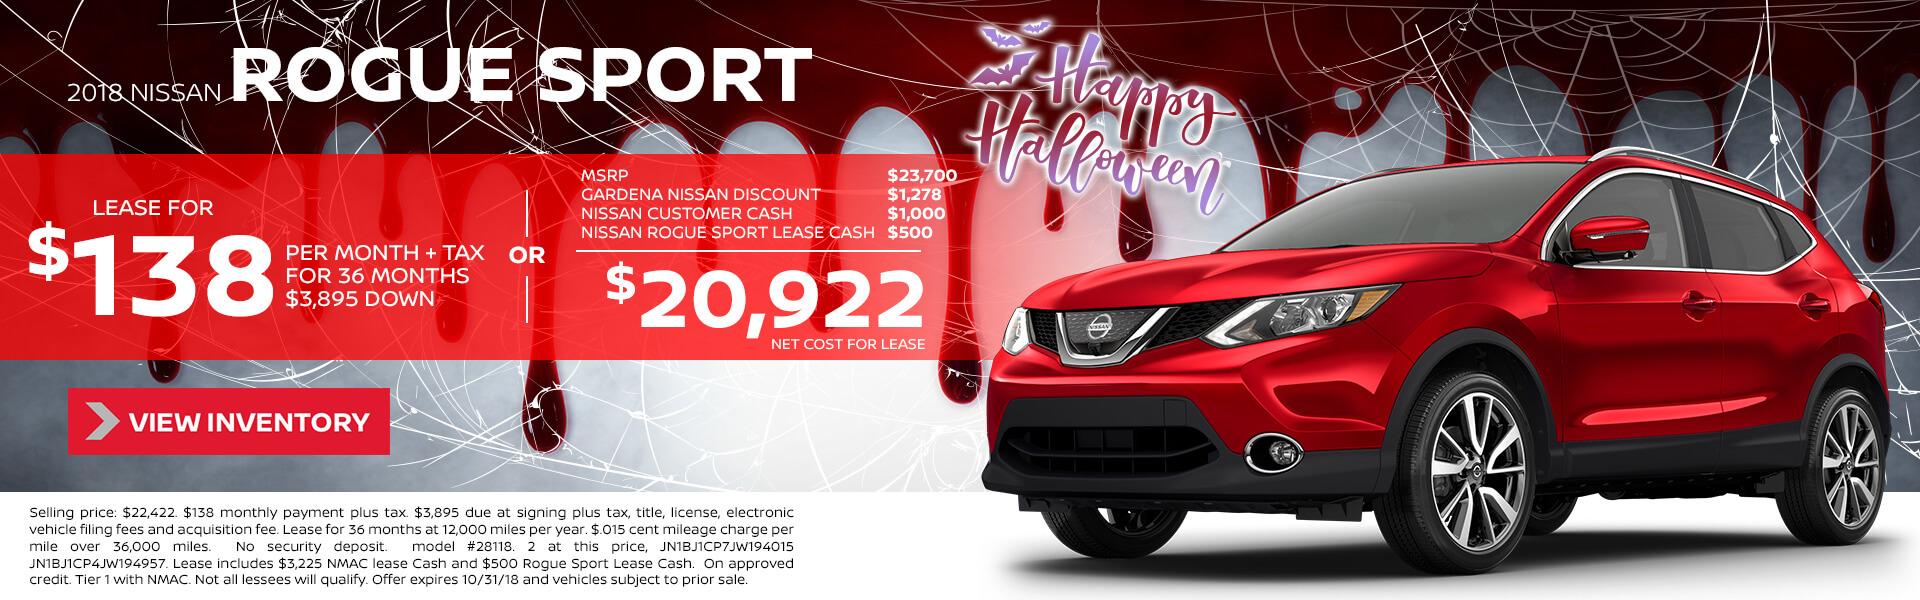 2018 Nissan Rogue Sport $18,998